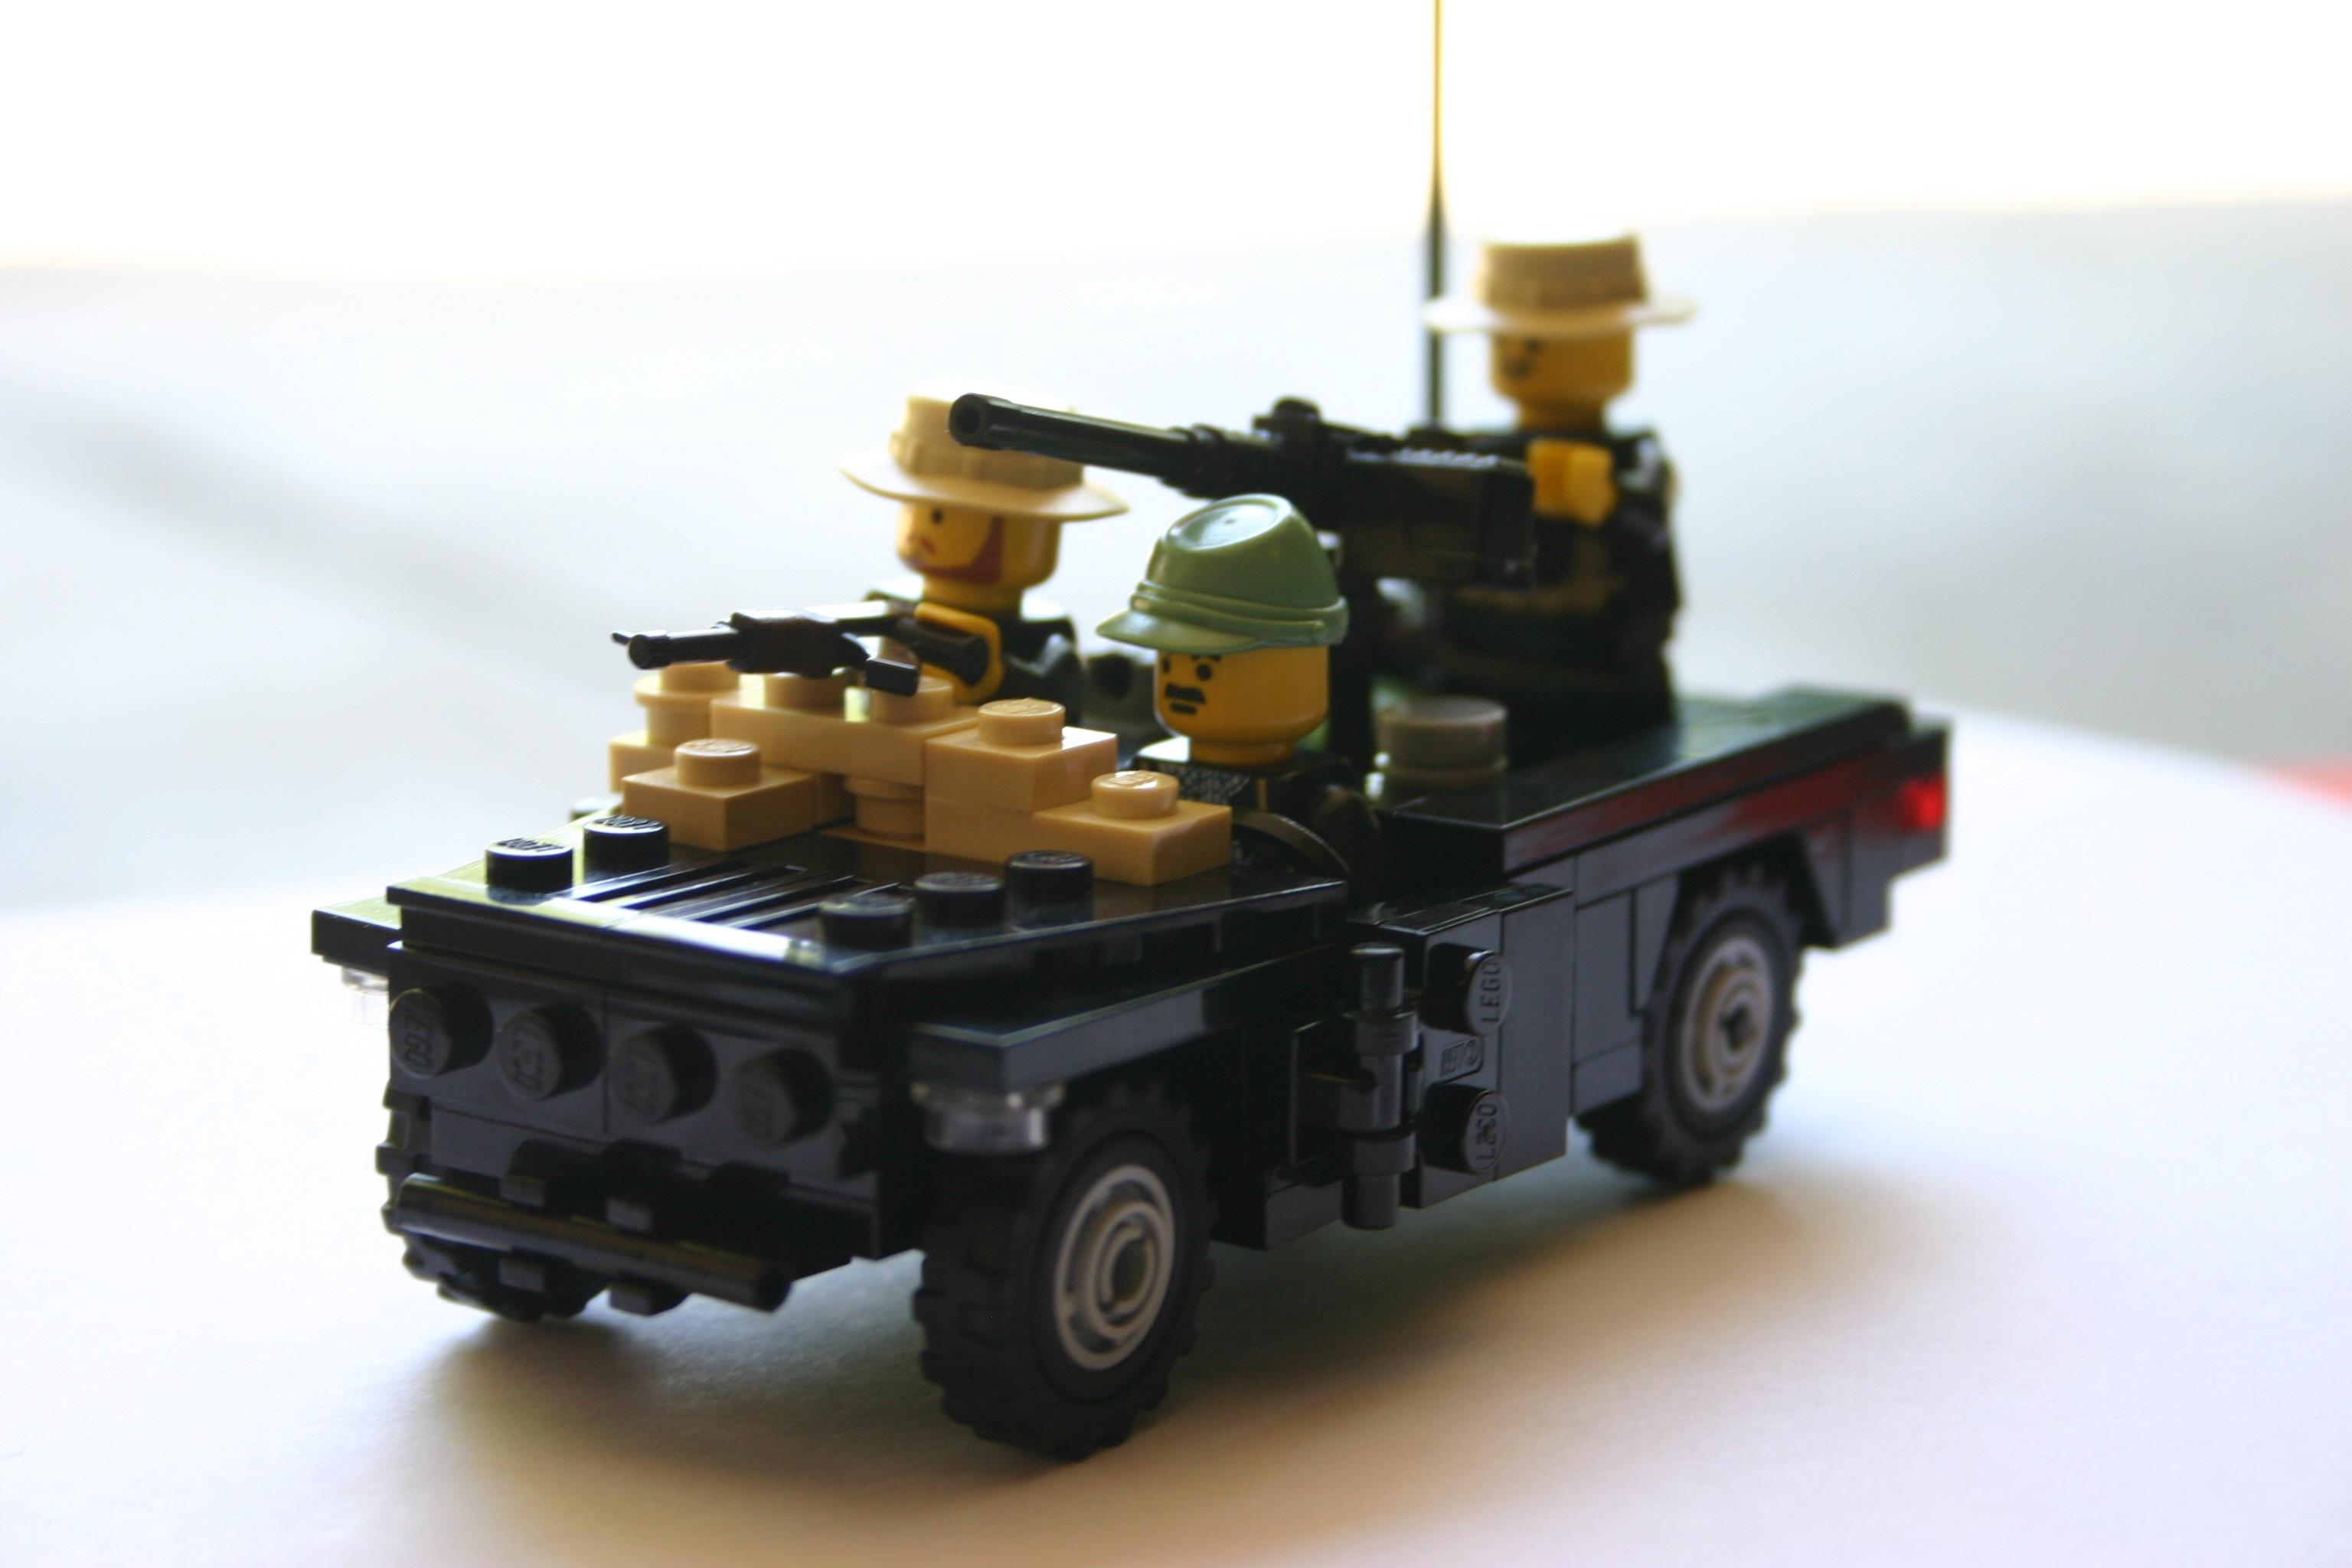 Fondos De Pantalla Lego Toyota Juguete Modelo A Escala